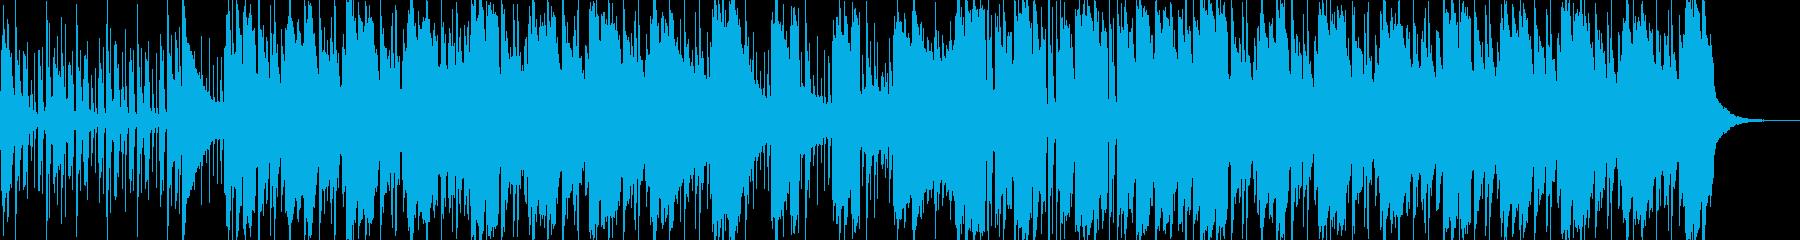 ポップインスト。レゲエのフレーバー...の再生済みの波形